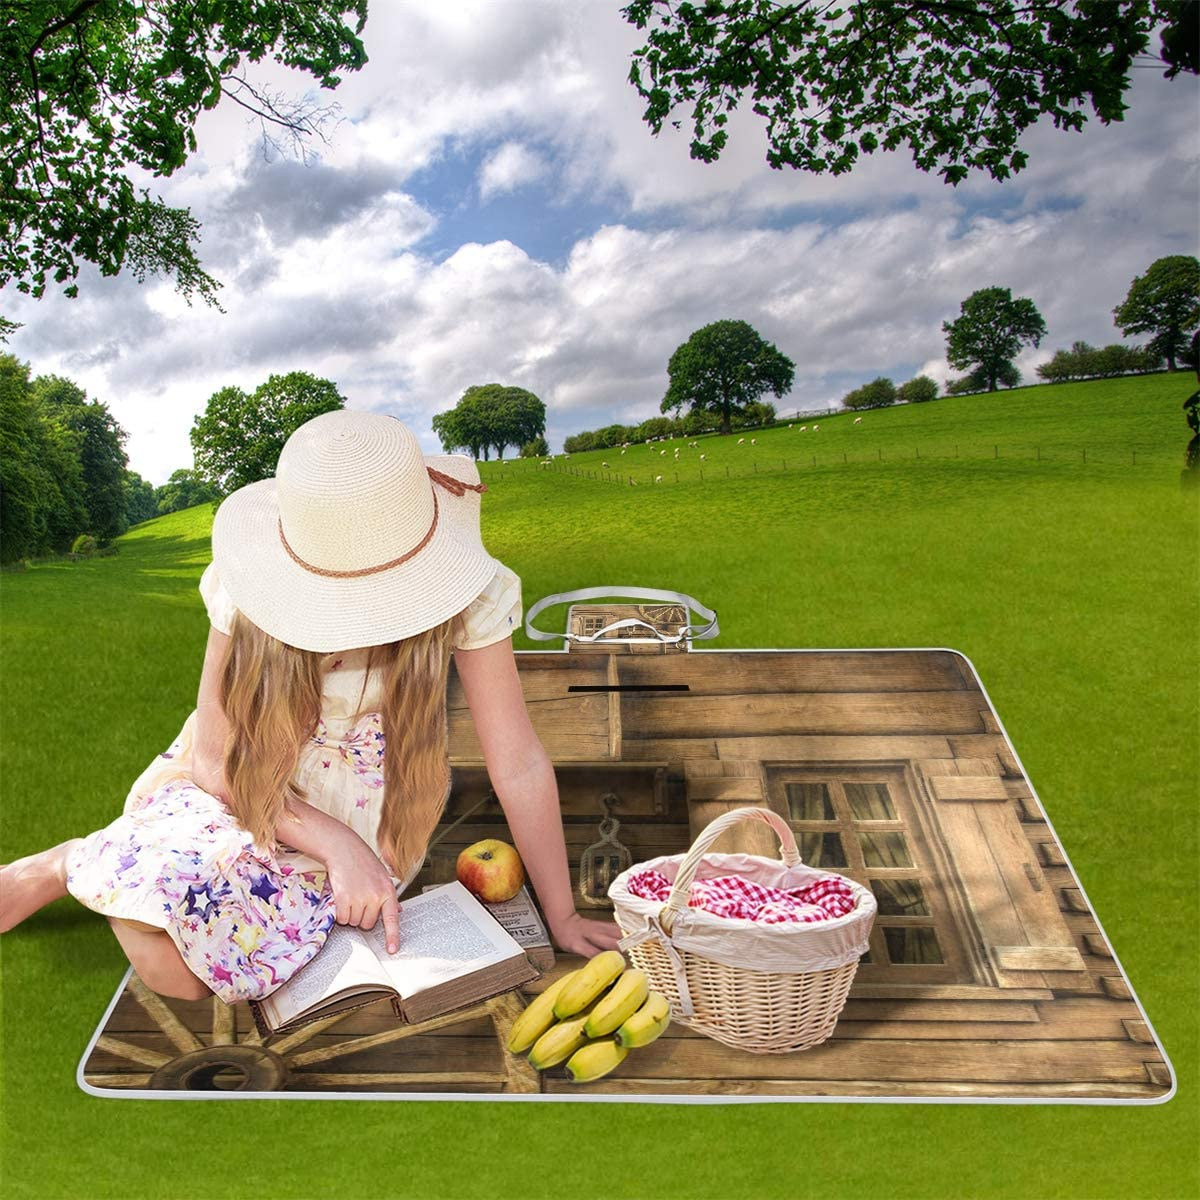 XINGAKA Coperta da Picnic Tappetino Campeggio,Fiore piangente,Giardino Spiaggia Impermeabile Anti Sabbia 14